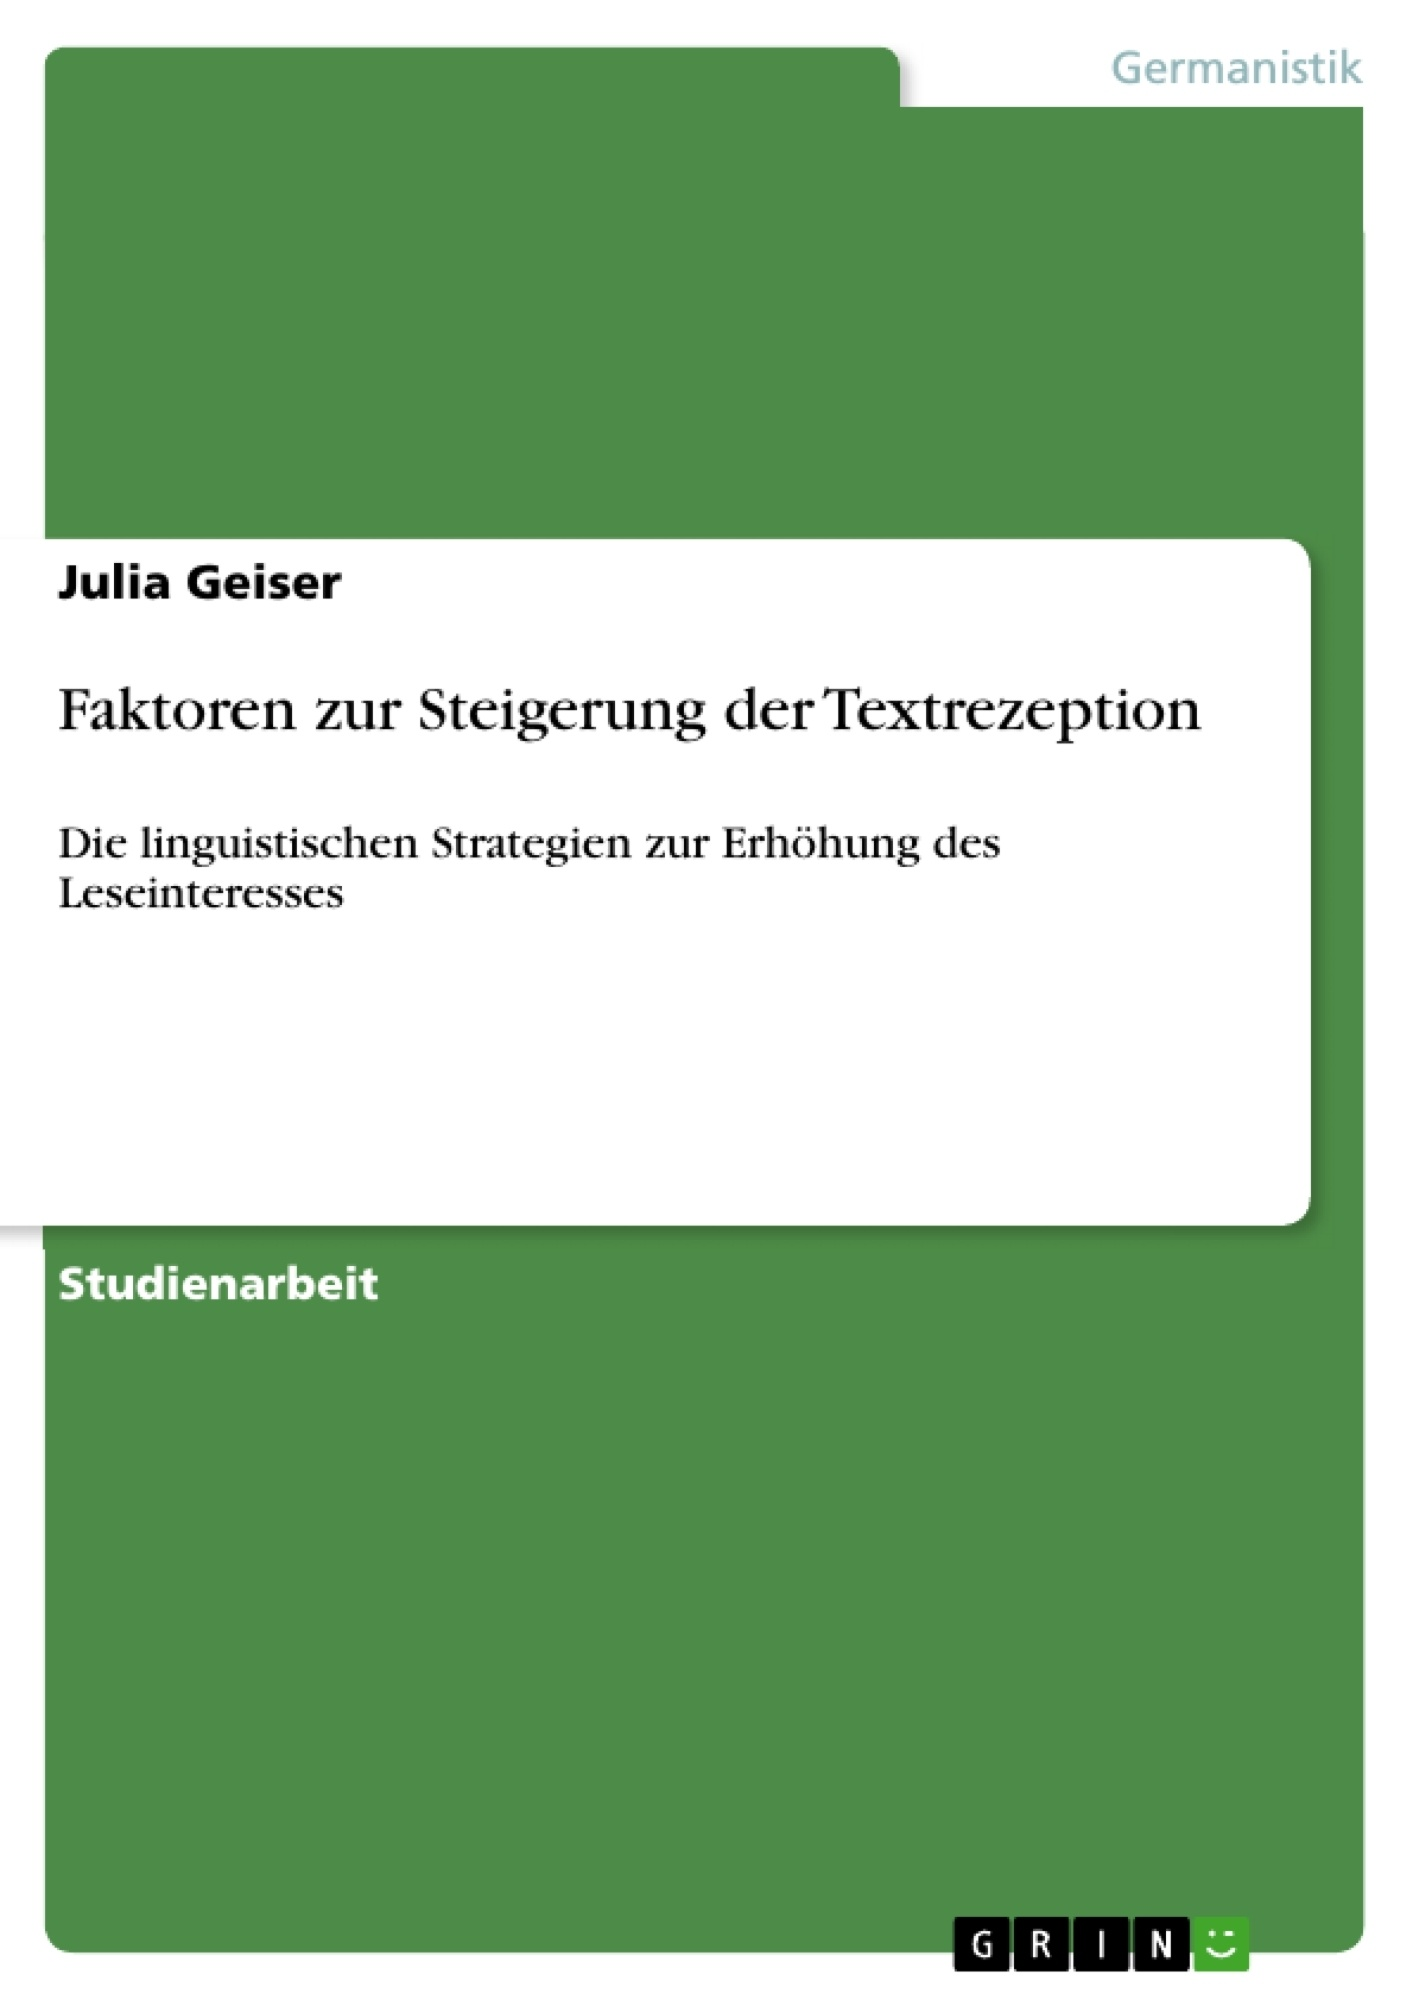 Titel: Faktoren zur Steigerung der Textrezeption